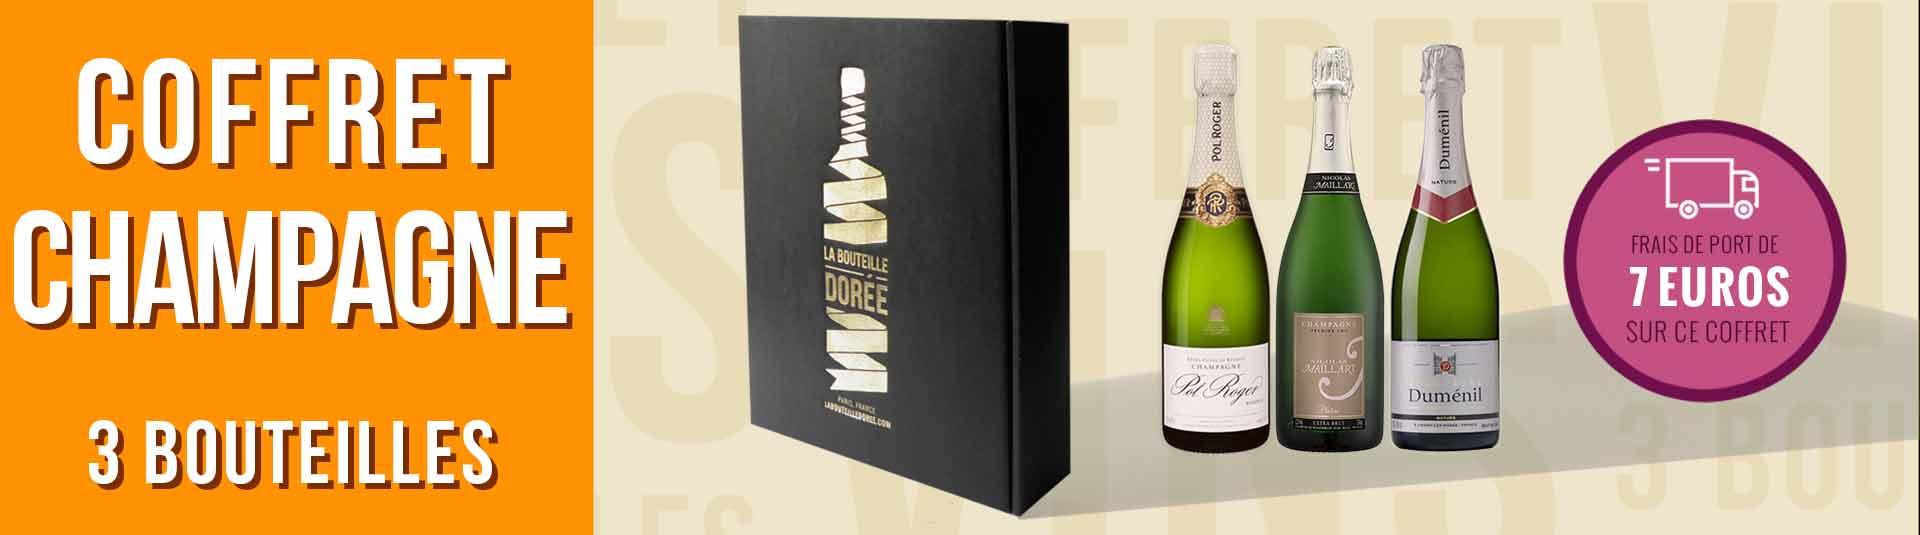 Coffret Champagne Nature Extra-Brut et Brut 3 bouteilles